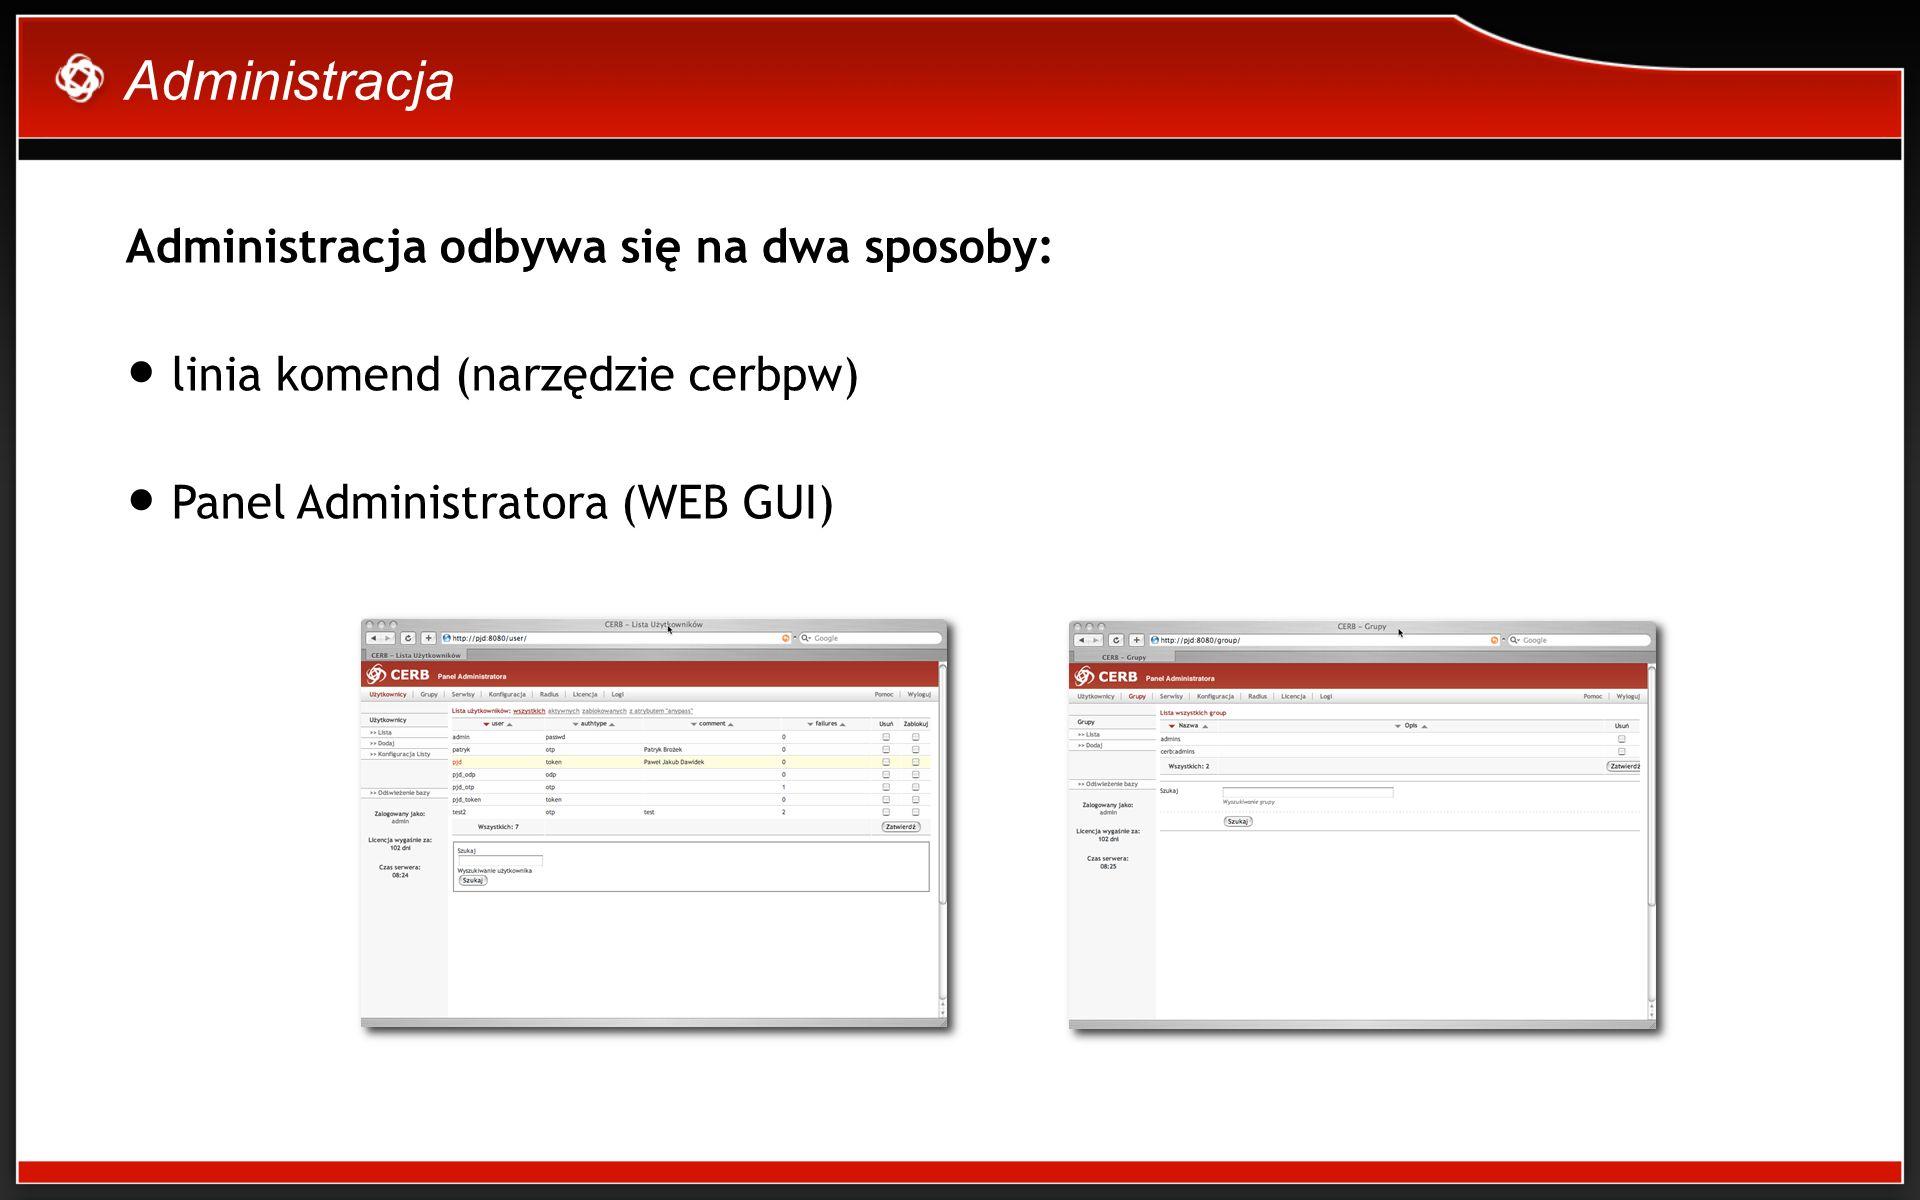 Administracja Administracja odbywa się na dwa sposoby: linia komend (narzędzie cerbpw) Panel Administratora (WEB GUI)